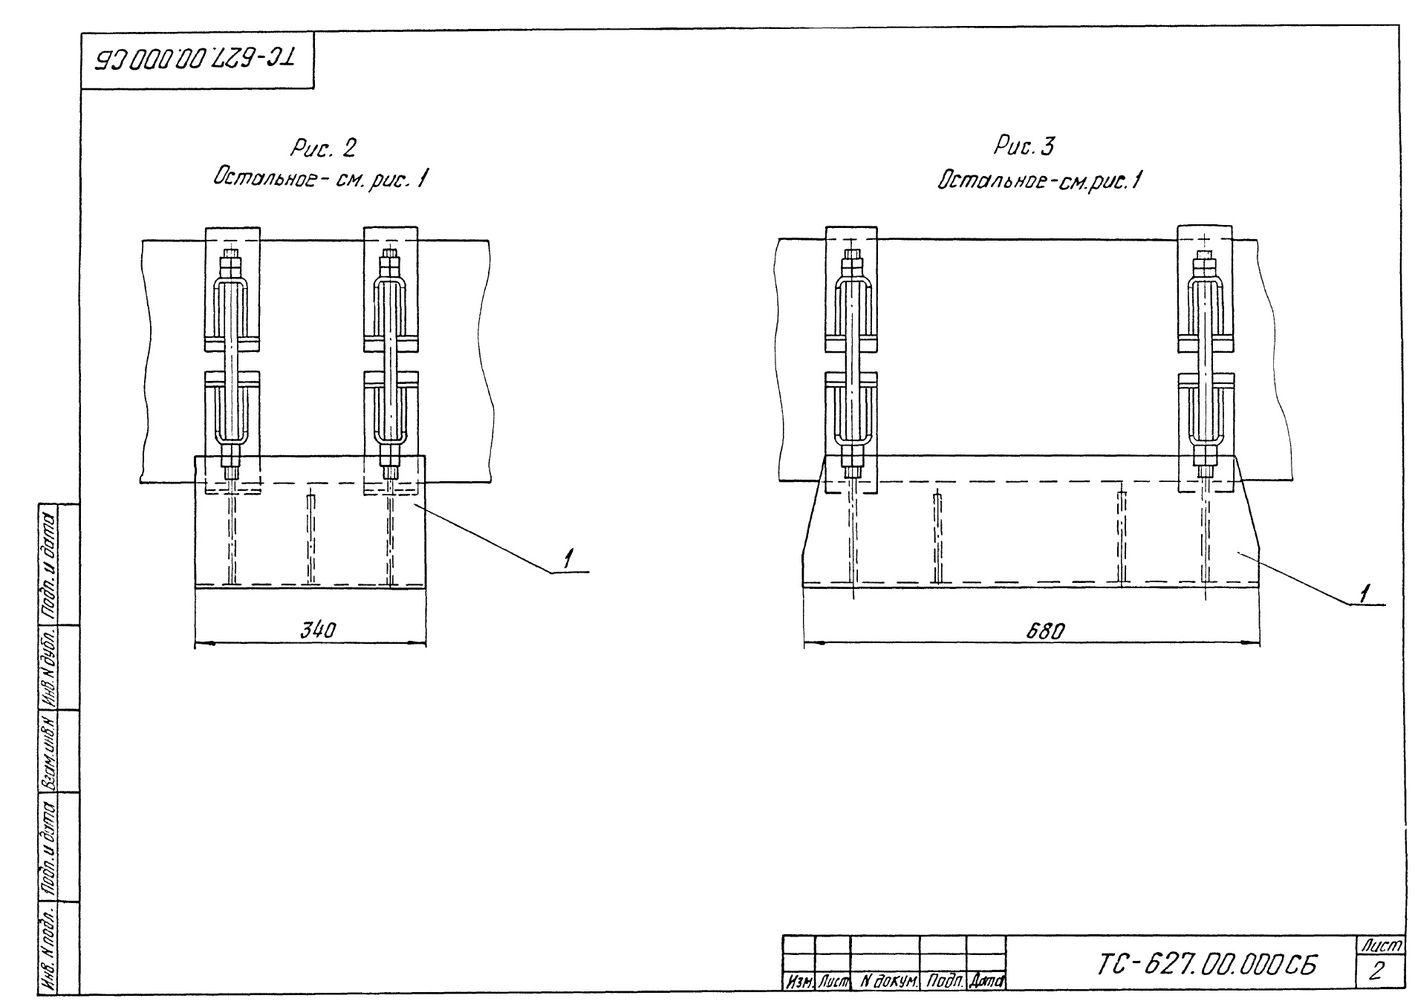 Опора скользящая бугельная ТС-627.00.000 серия 5.903-13 выпуск 8-95 стр.2